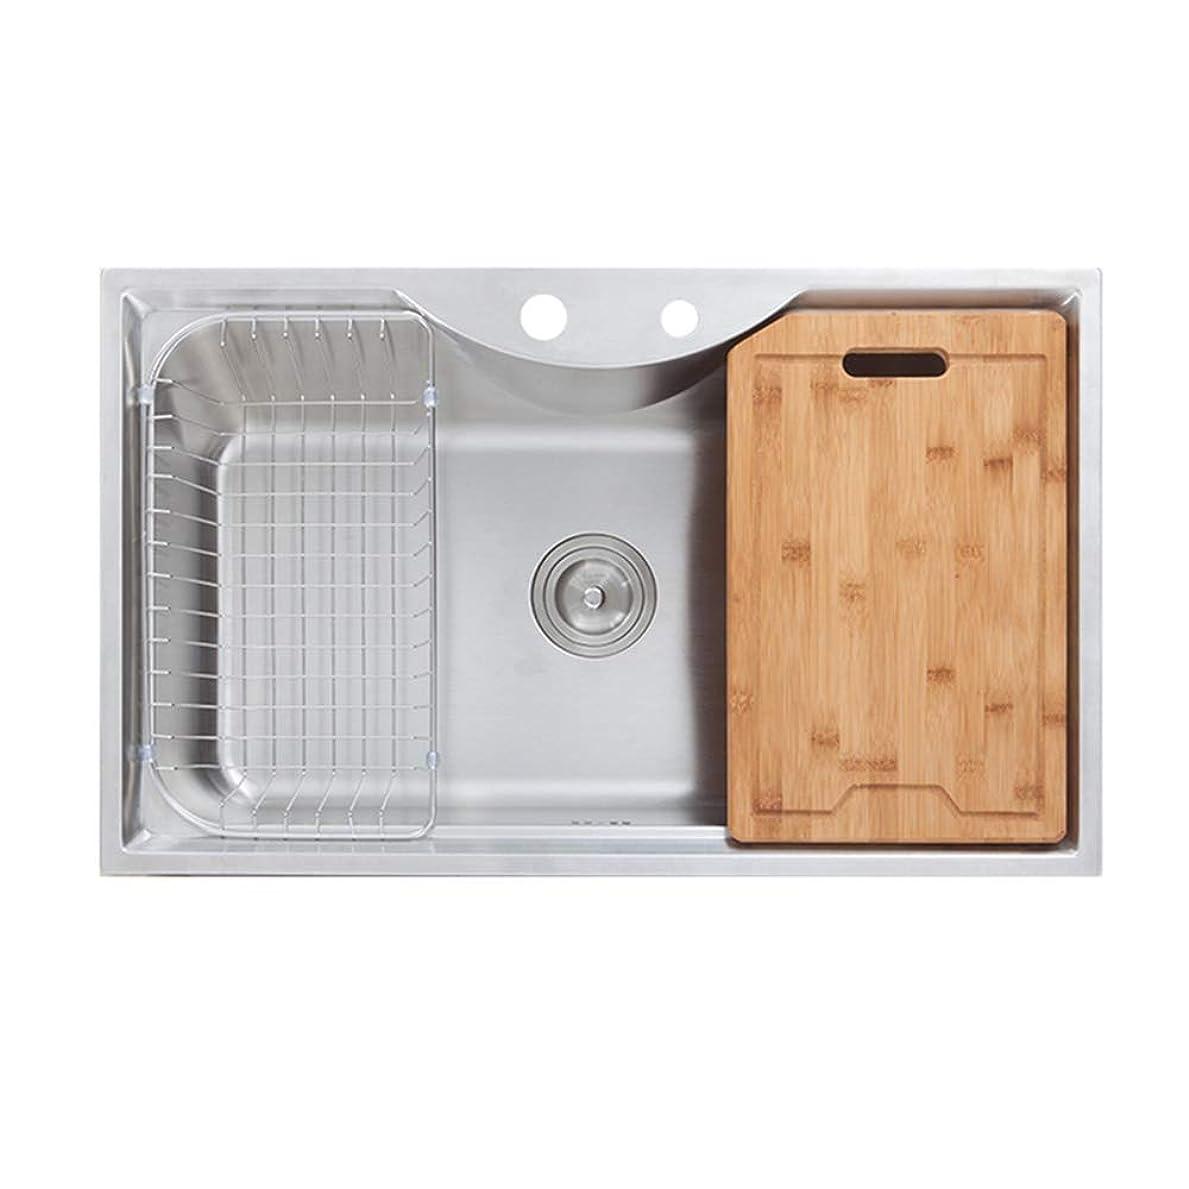 助けて調整セメントキッチンシンク(蛇口なし) 台所の流し台 1槽シンク キッチン用流し台 手作りシンク #304ステンレス製流し台 (55 * 45cm)